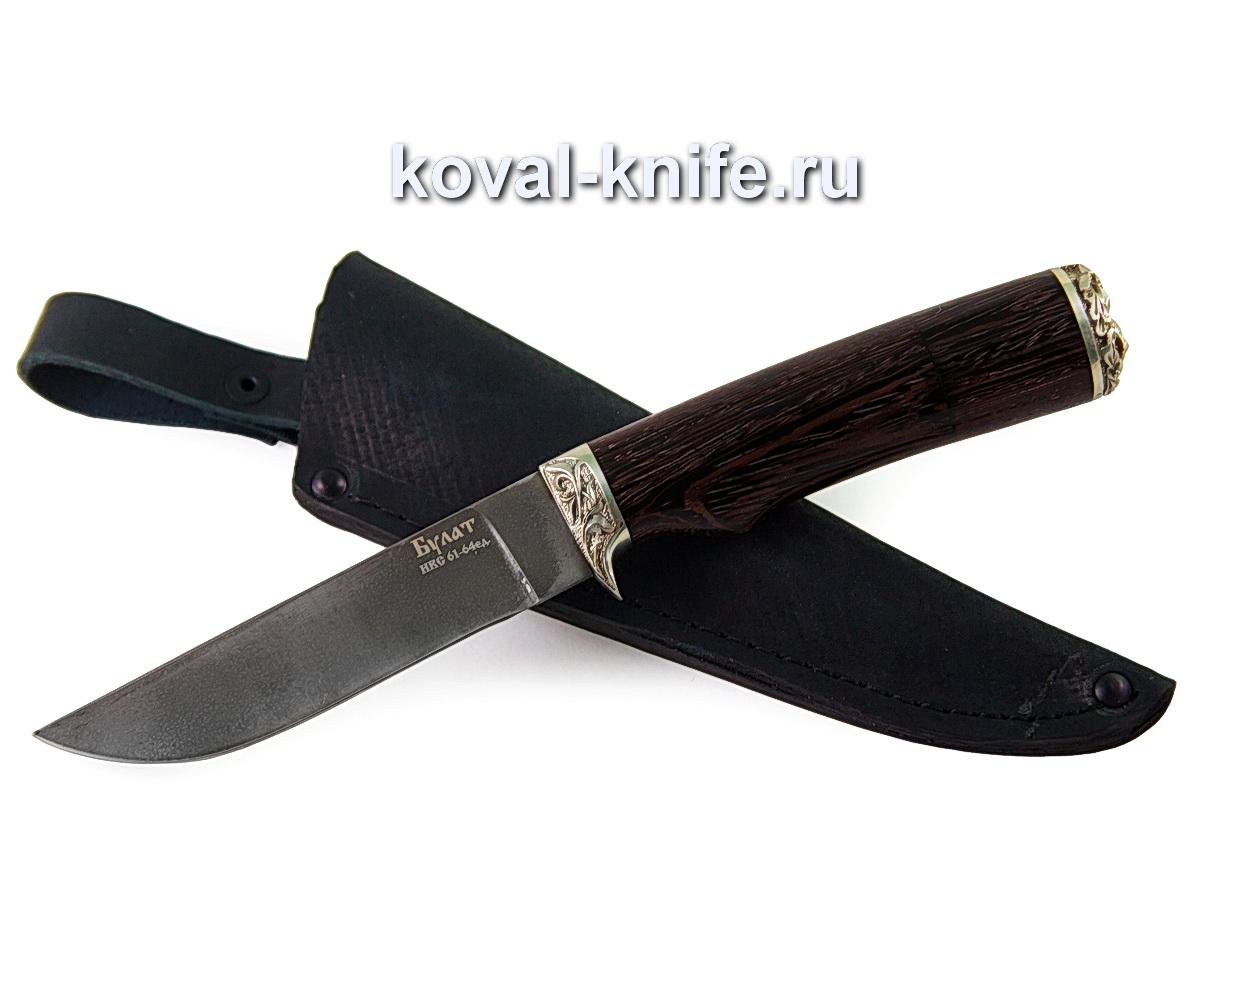 Нож из булатной стали Белка (рукоять венге, литье мельхиор)